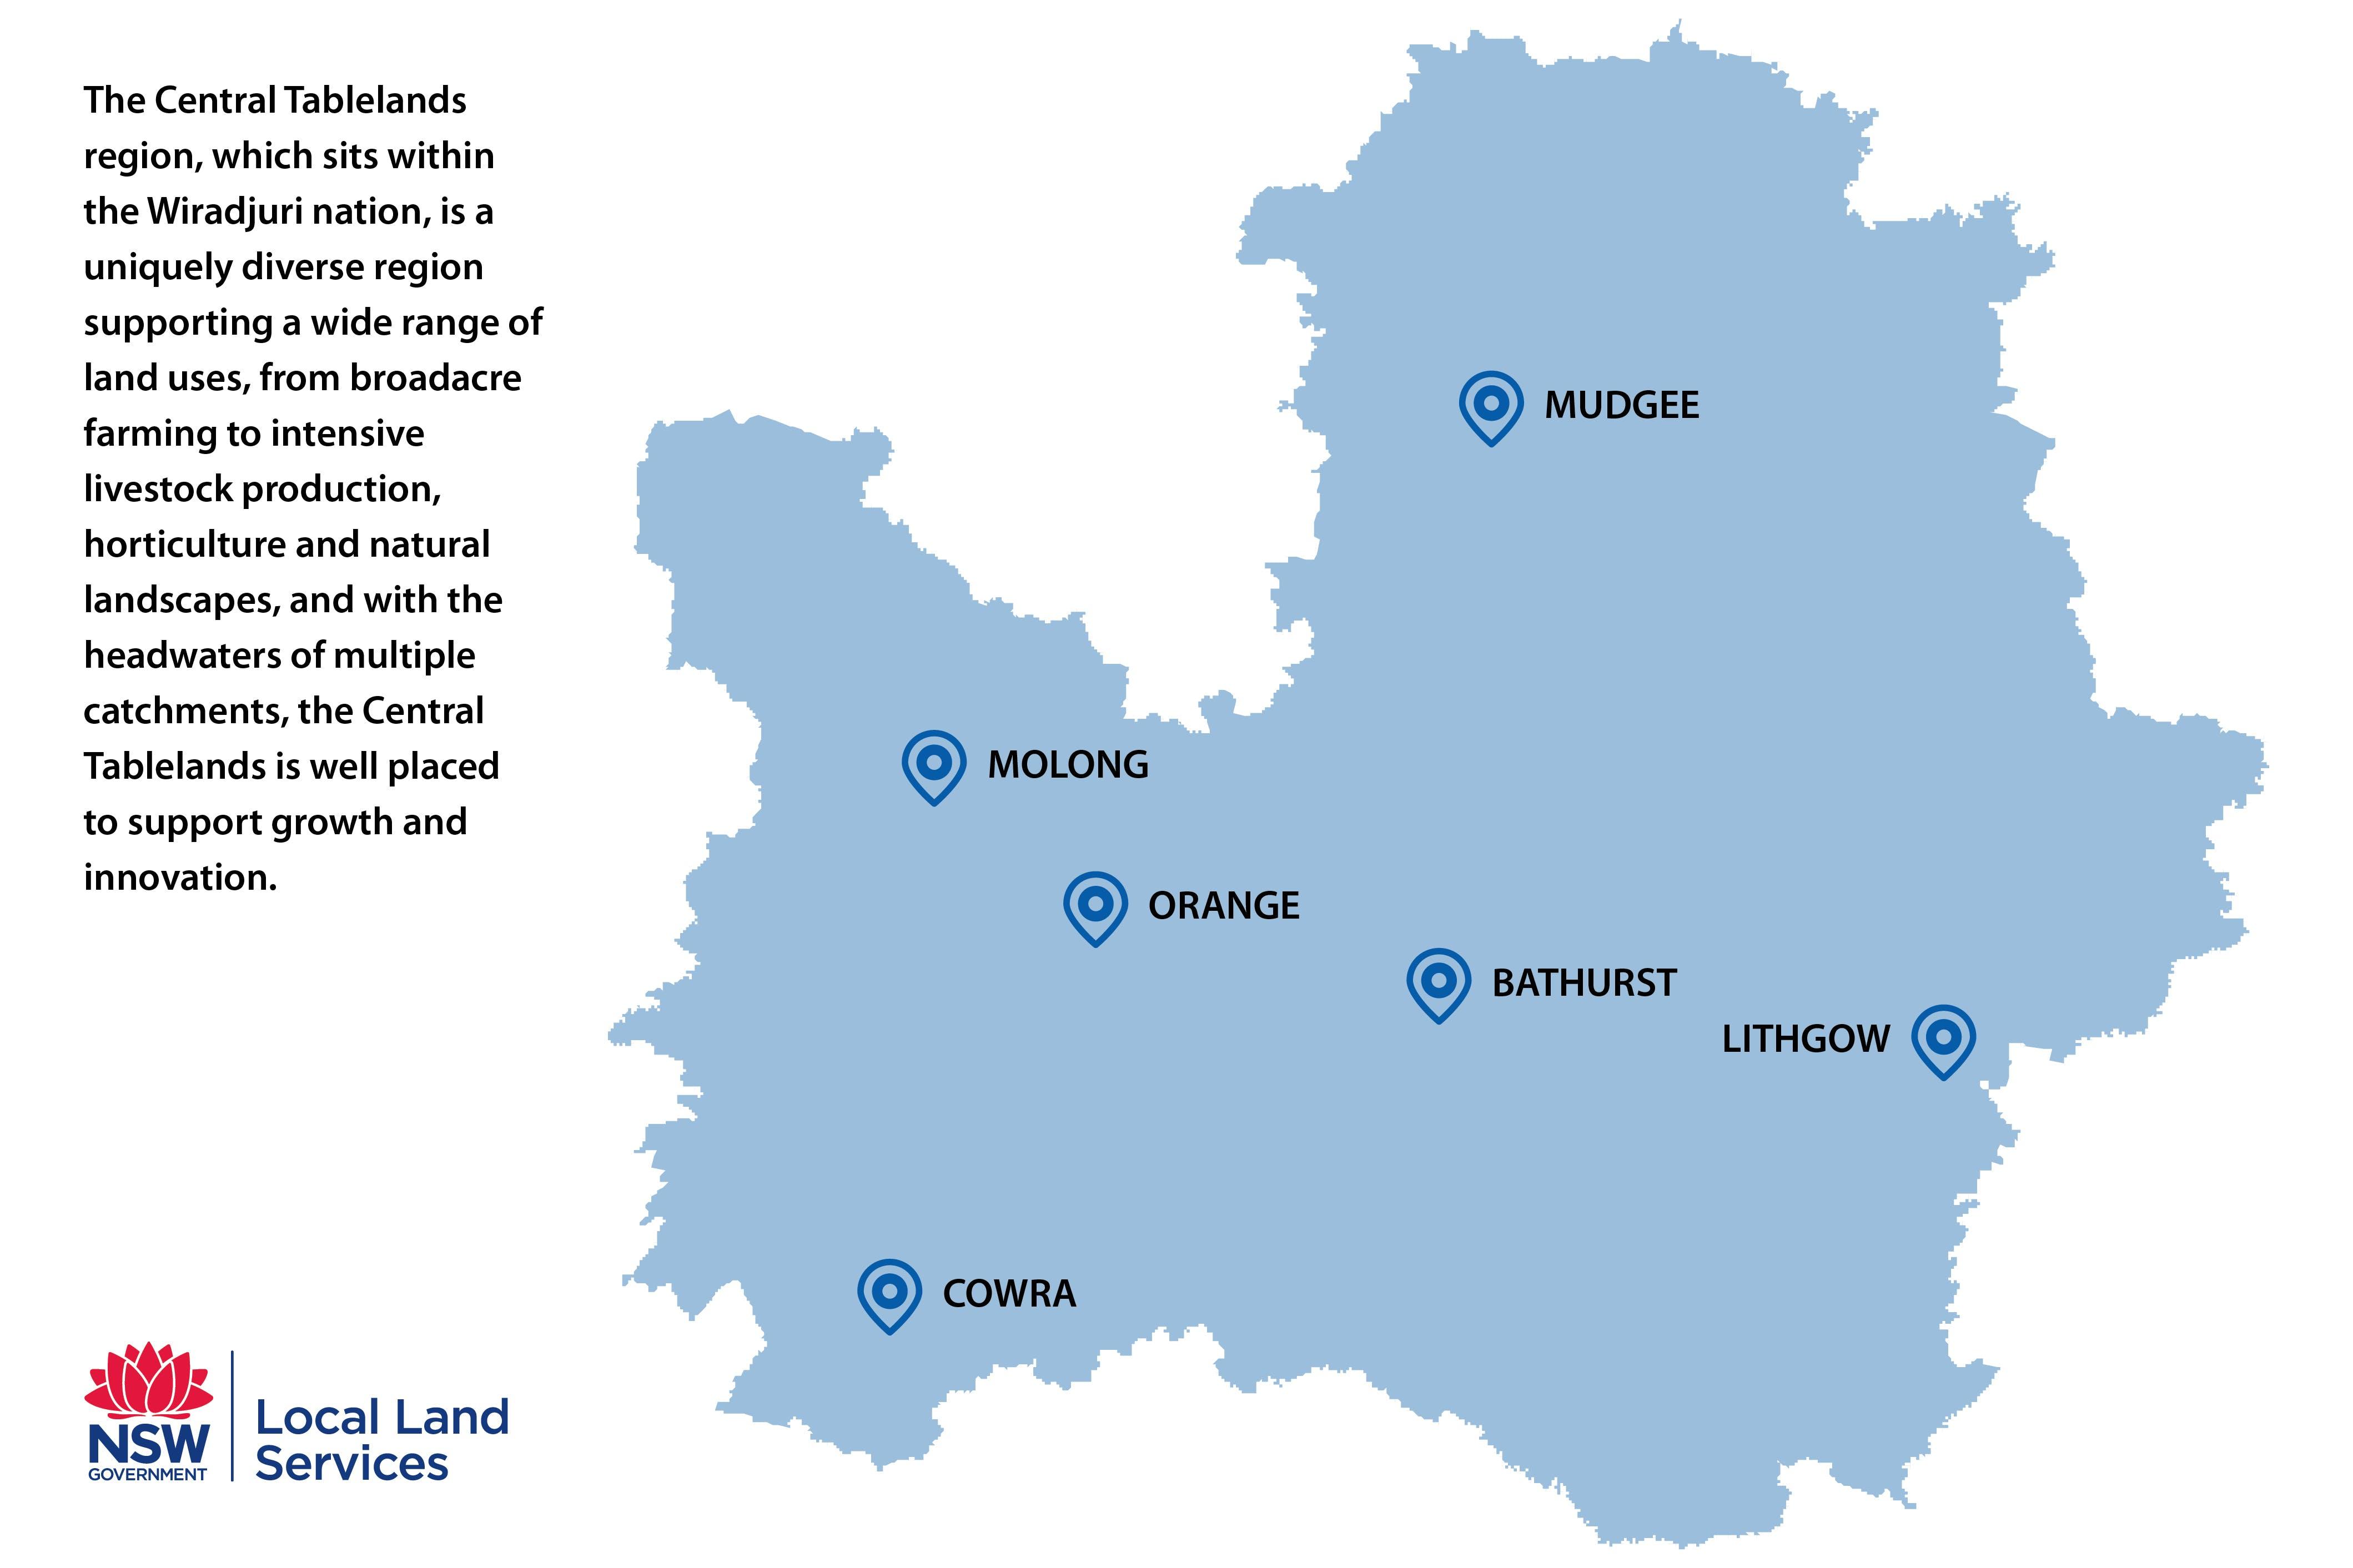 Central Tablelands region